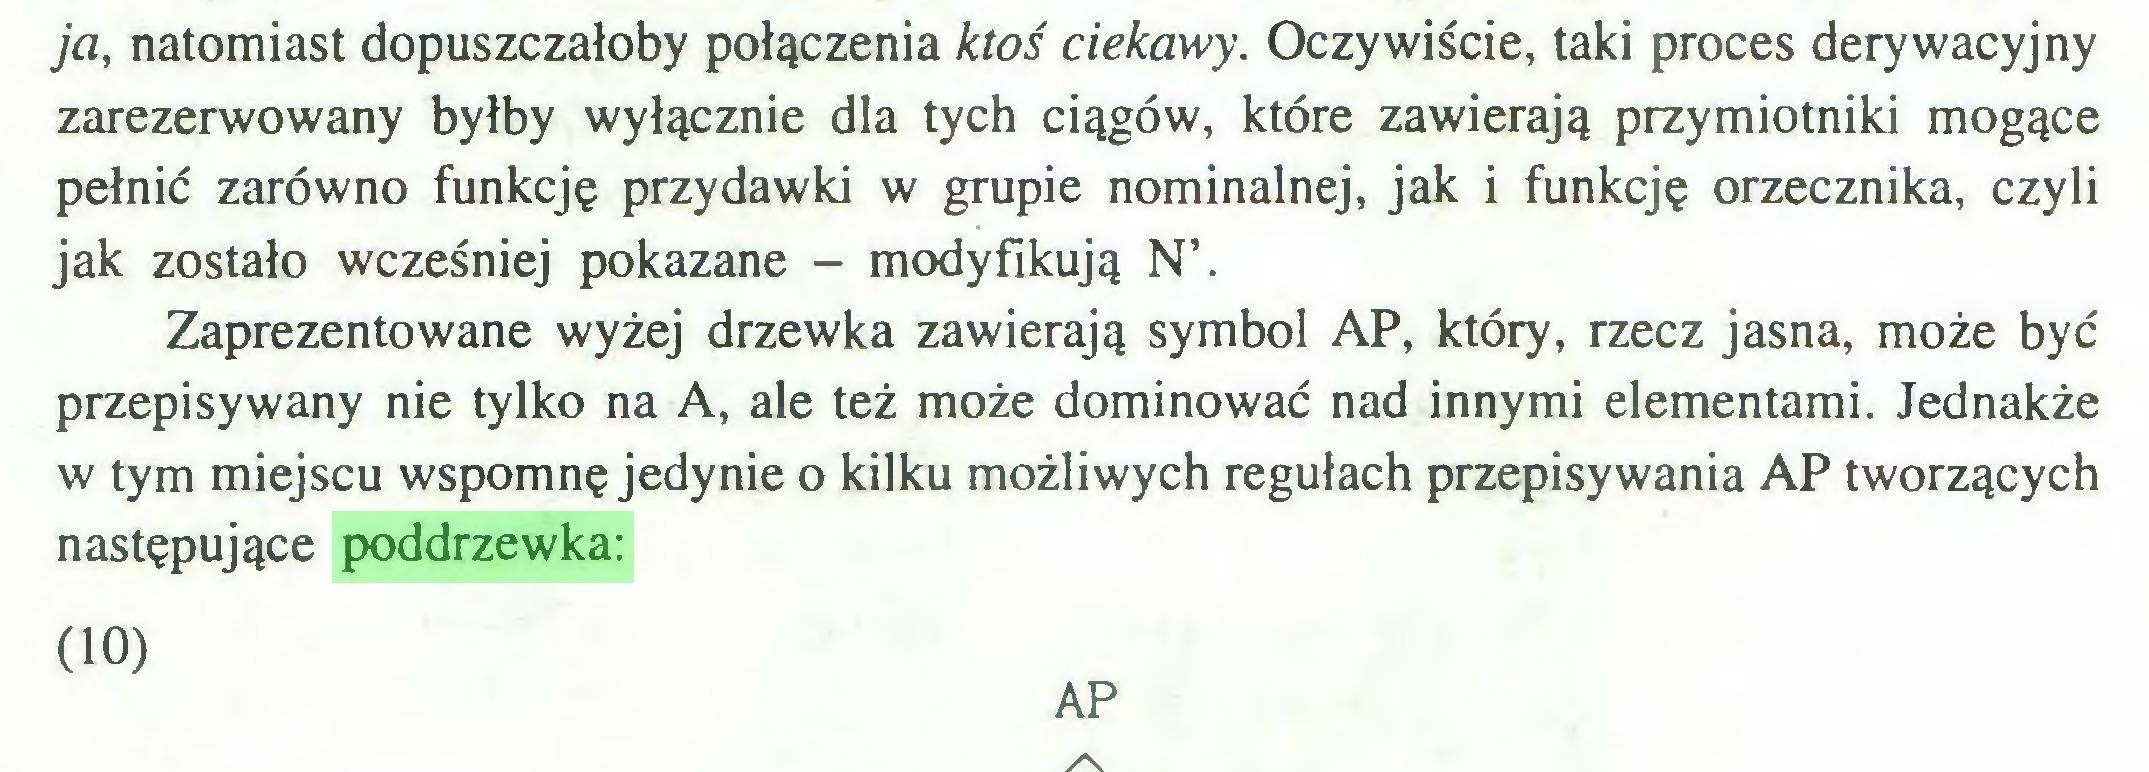 (...) ja, natomiast dopuszczałoby połączenia ktoś ciekawy. Oczywiście, taki proces derywacyjny zarezerwowany byłby wyłącznie dla tych ciągów, które zawierają przymiotniki mogące pełnić zarówno funkcję przydawki w grupie nominalnej, jak i funkcję orzecznika, czyli jak zostało wcześniej pokazane - modyfikują N\ Zaprezentowane wyżej drzewka zawierają symbol AP, który, rzecz jasna, może być przepisywany nie tylko na A, ale też może dominować nad innymi elementami. Jednakże w tym miejscu wspomnę jedynie o kilku możliwych regułach przepisywania AP tworzących następujące poddrzewka: (10) AP...